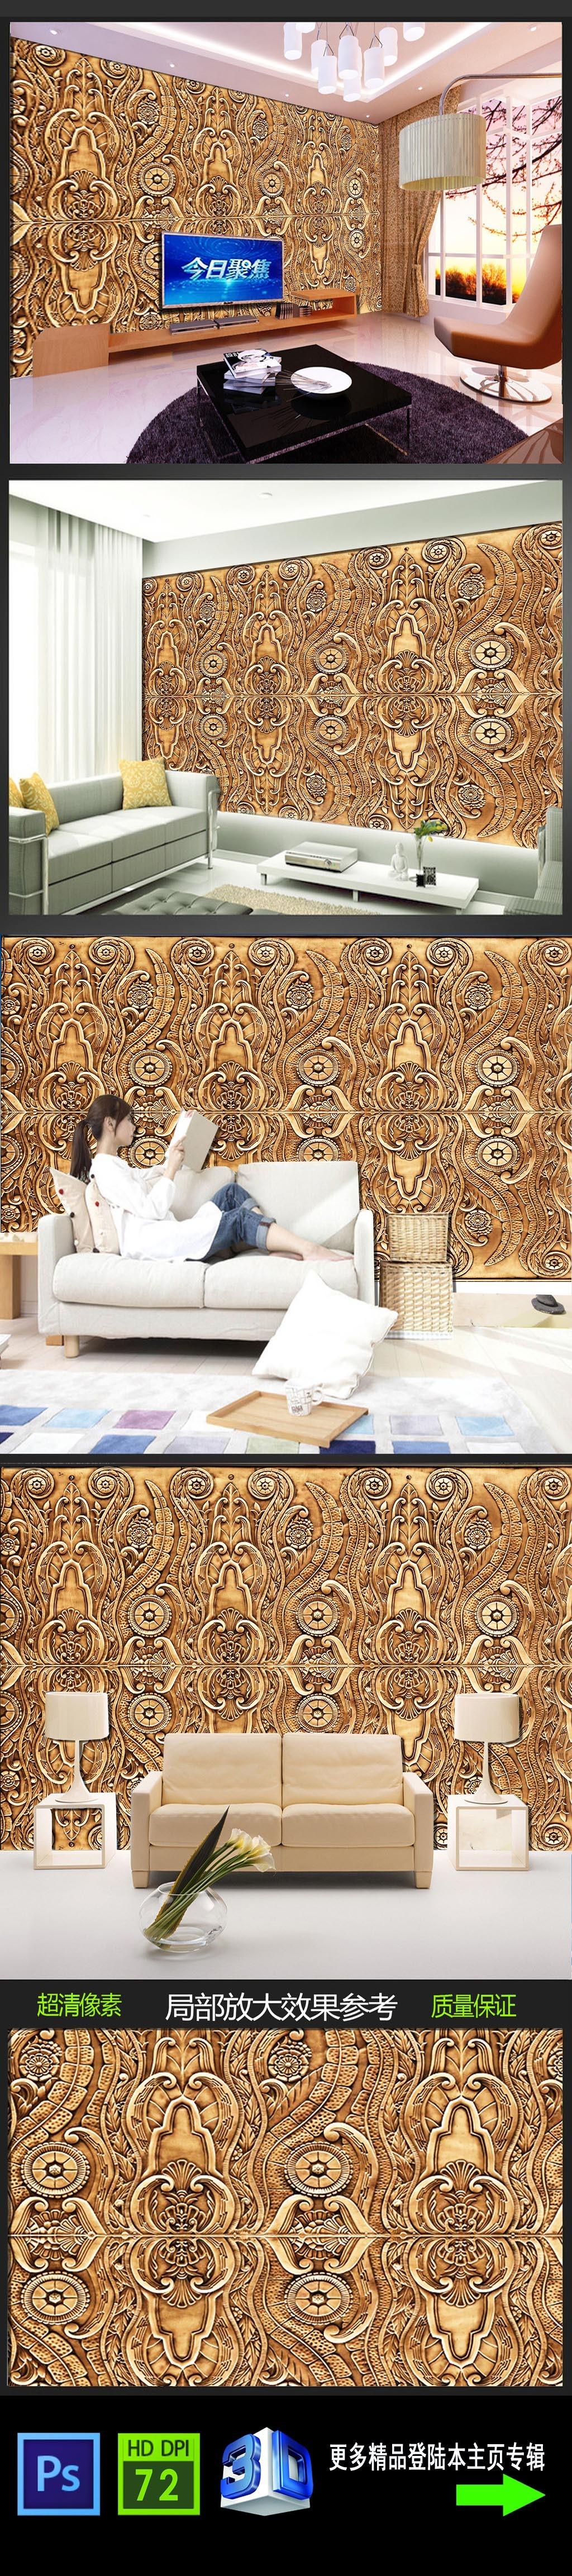 木雕文理图案立体电视背景墙